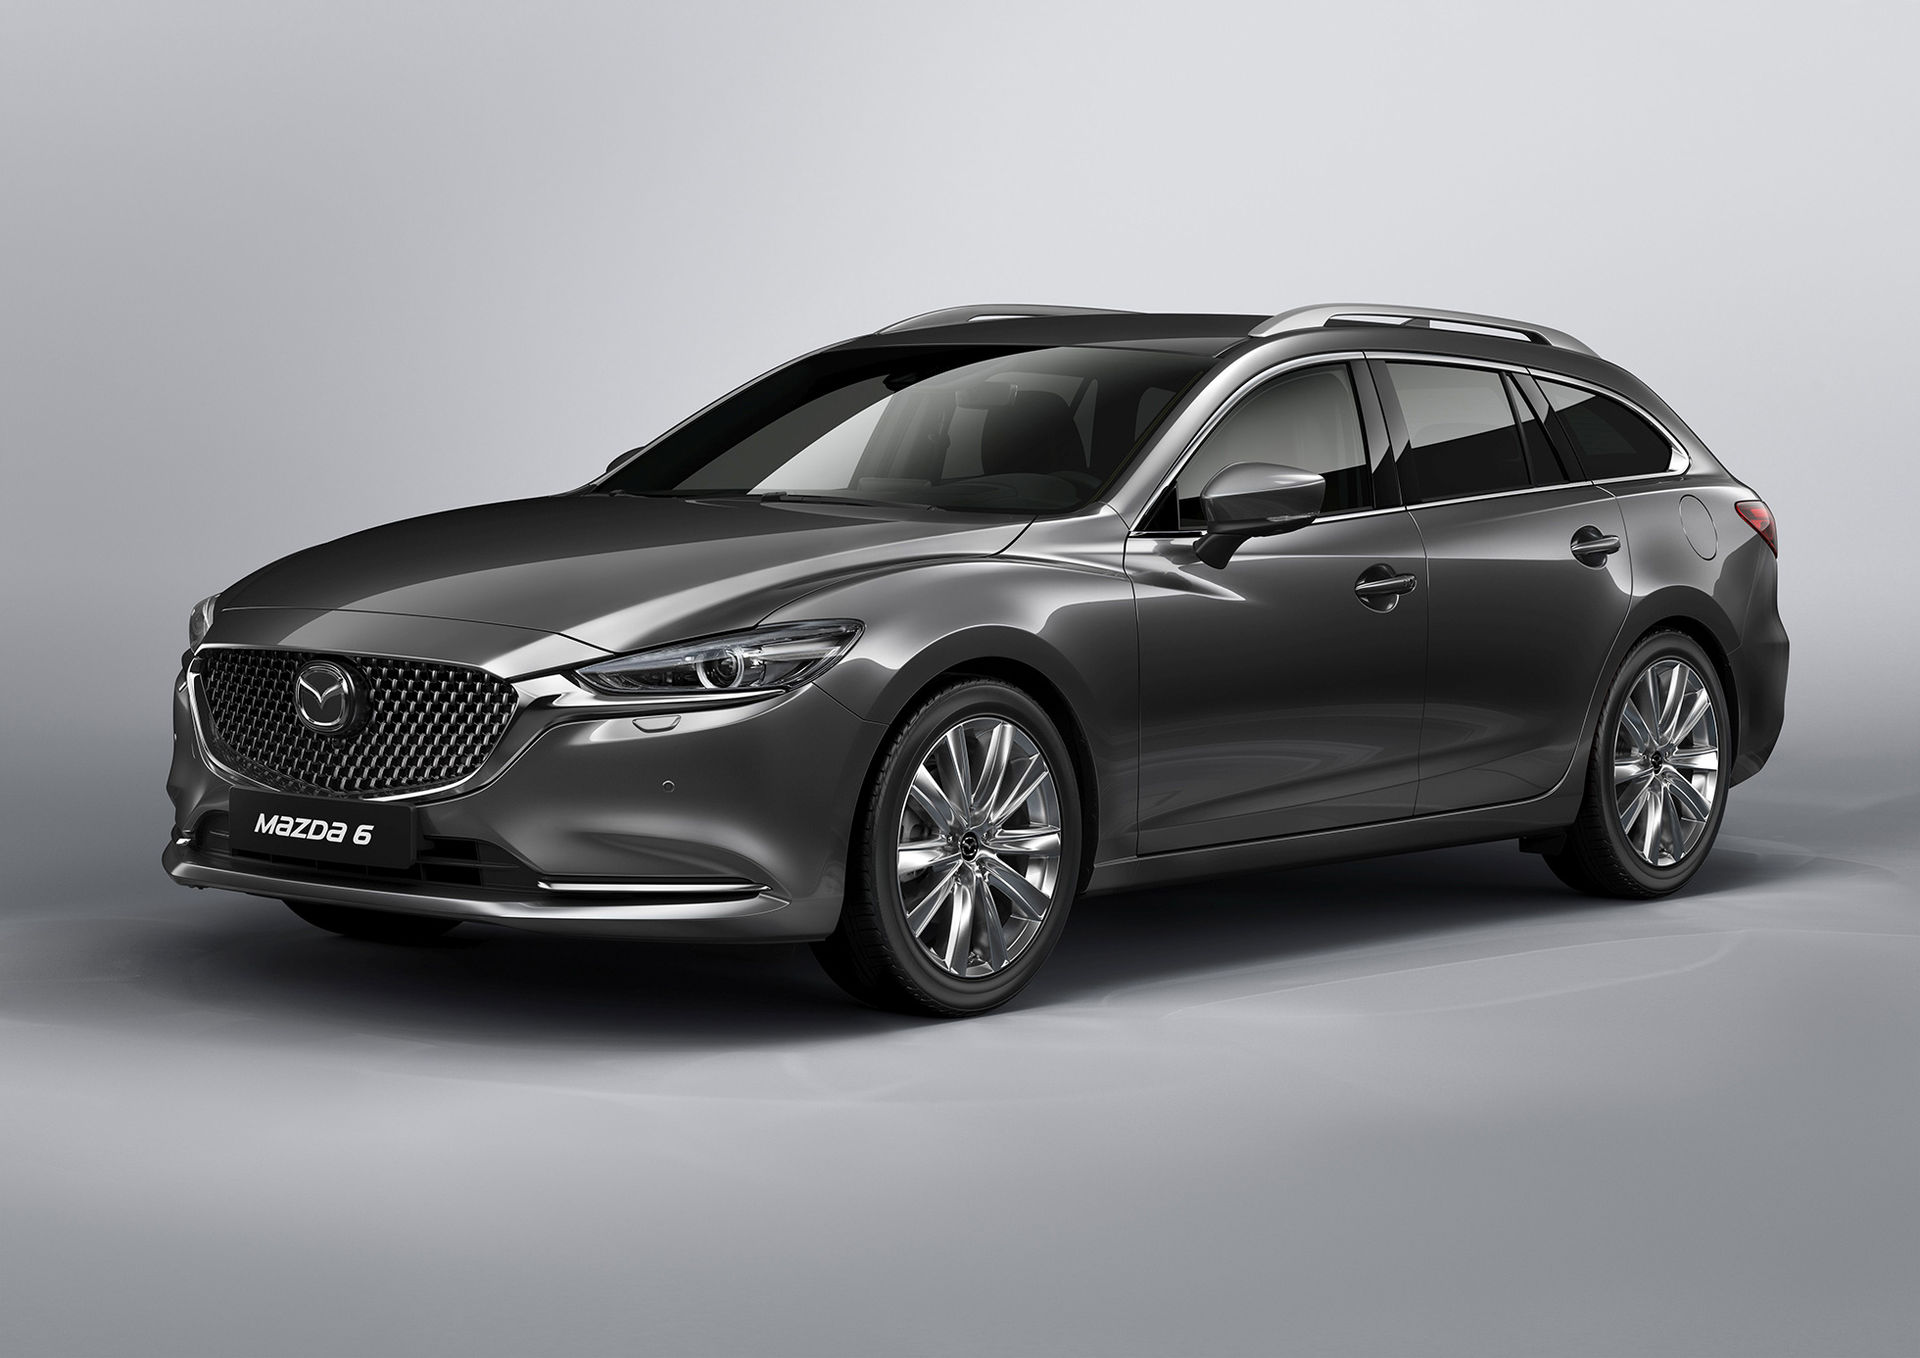 Faceliftade Mazda 6 i kombi-utförande